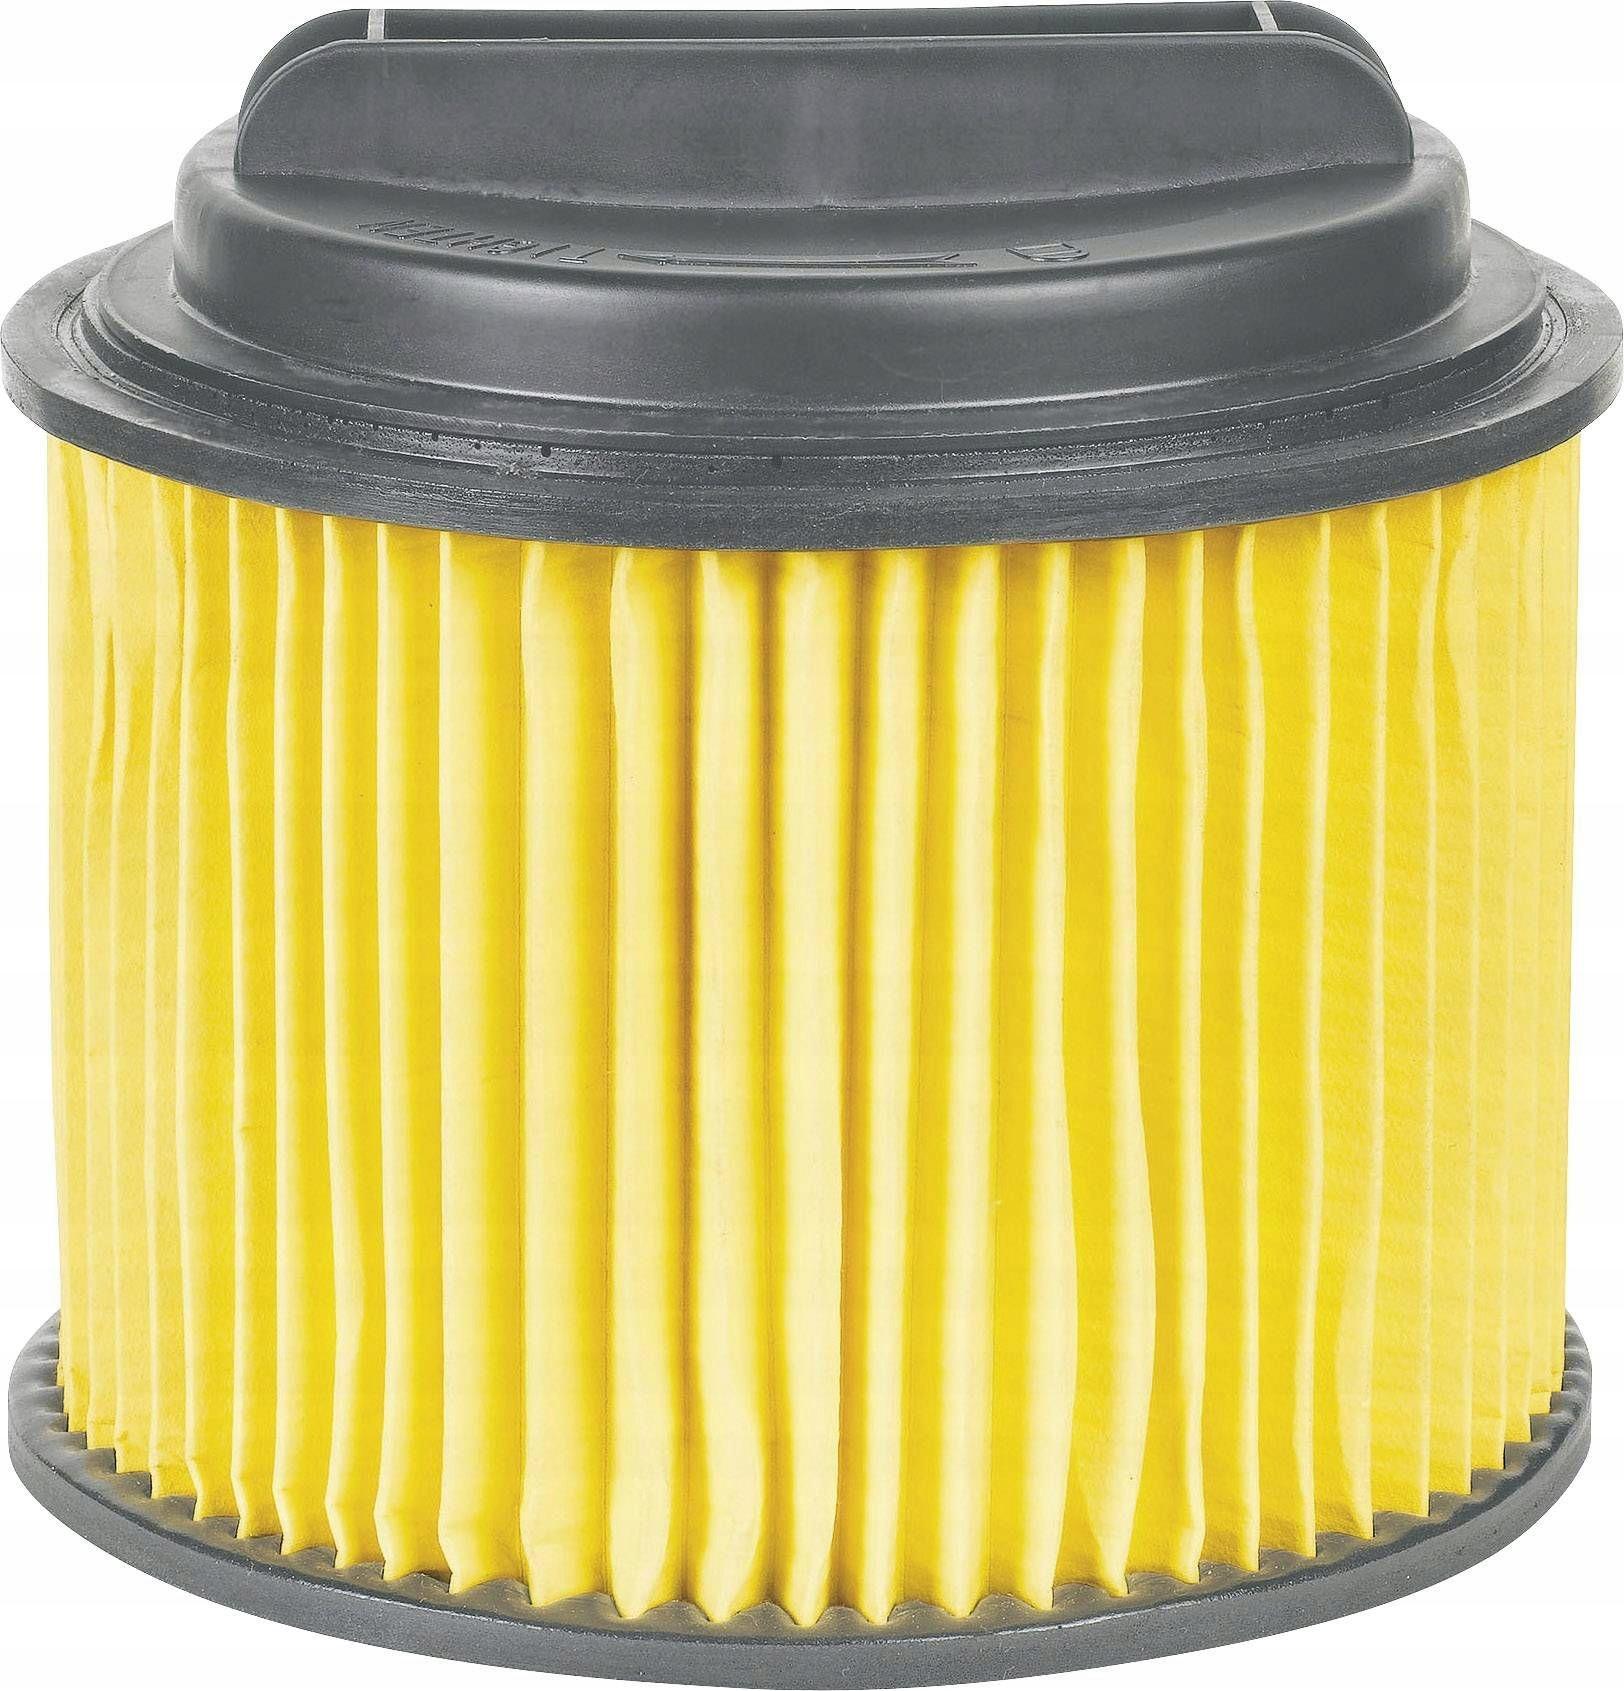 Фильтр Einhell 2351113 многоразовый конусный фильтр для пылеводососов с посадочным кольцом